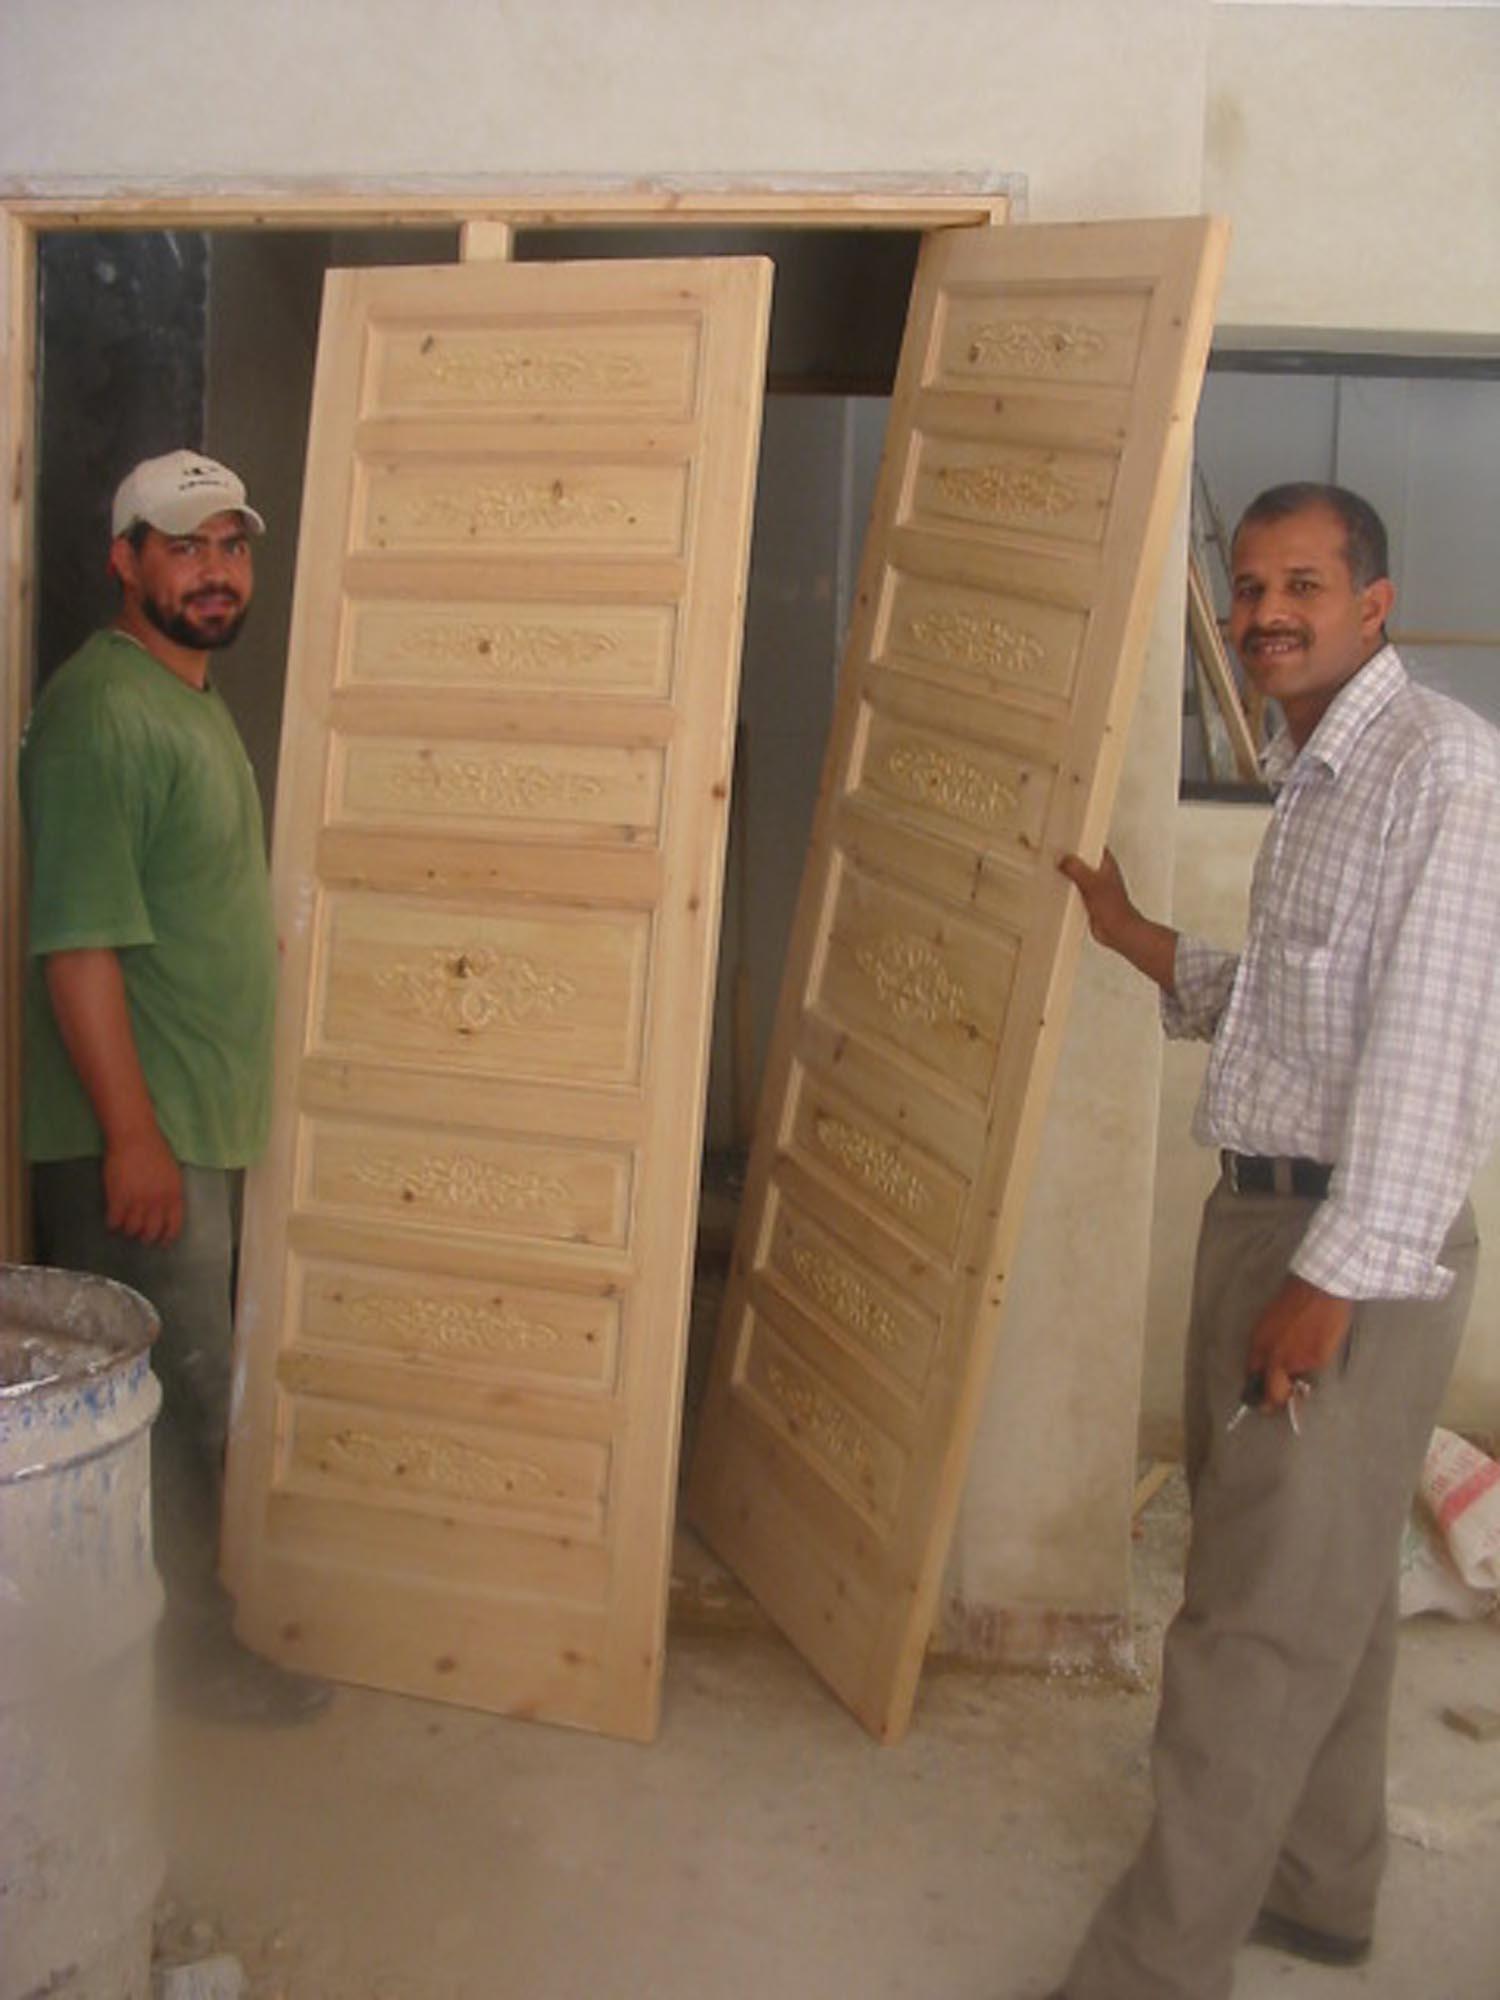 Proud carpenters!